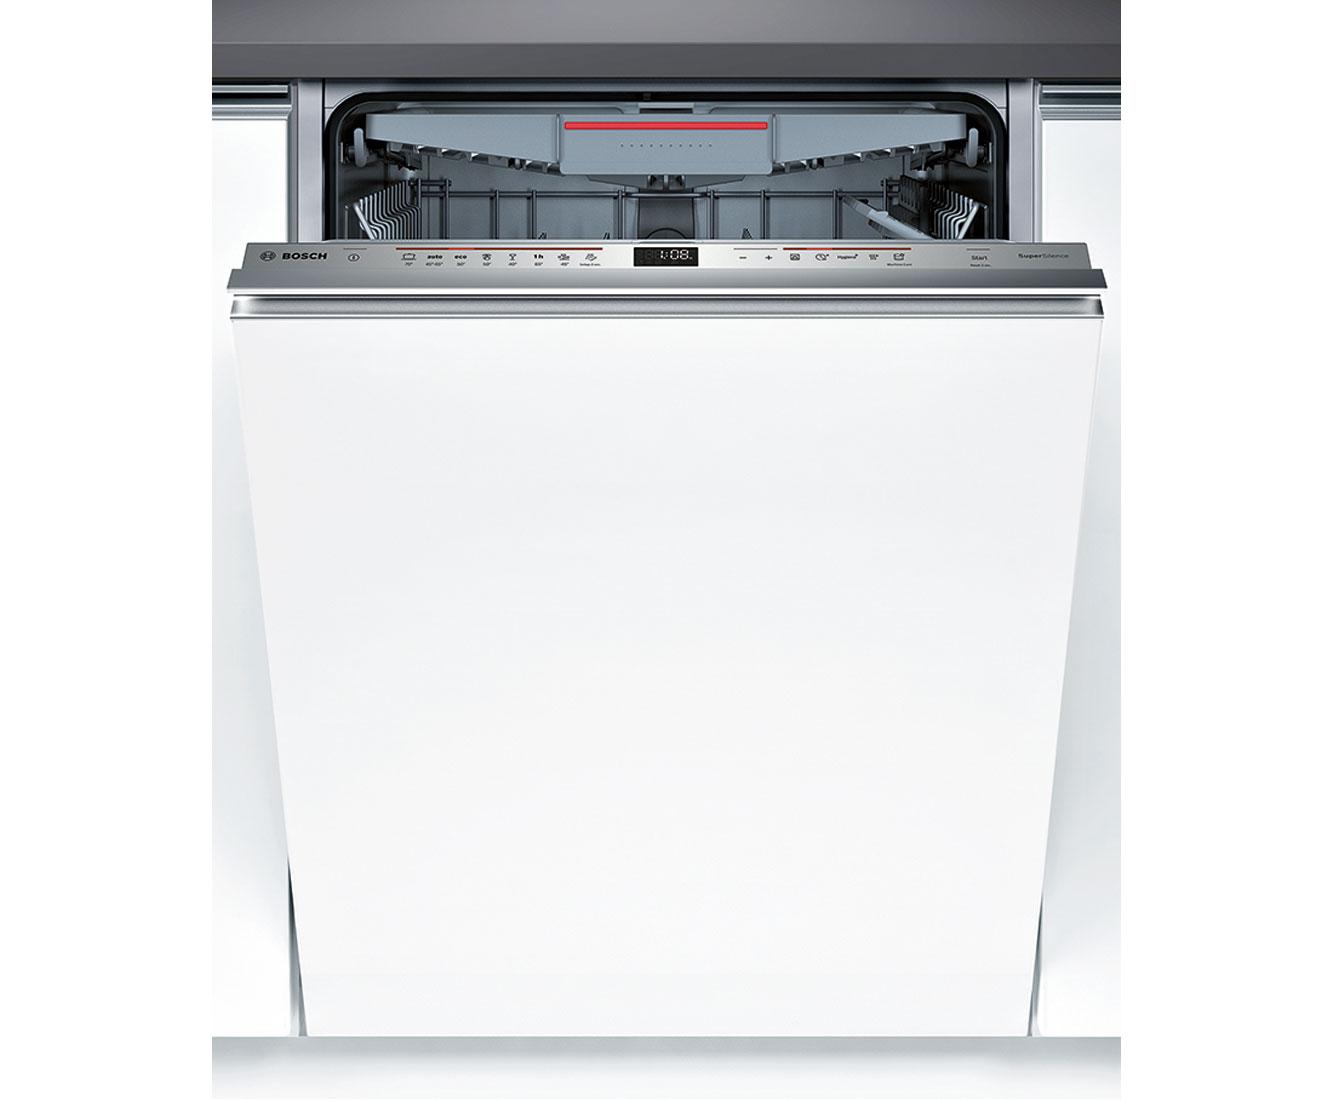 Bosch Serie 6 SBV68MD02E Geschirrspüler 60 cm - Edelstahl   Küche und Esszimmer > Küchenelektrogeräte > Gefrierschränke   Edelstahl   Bosch